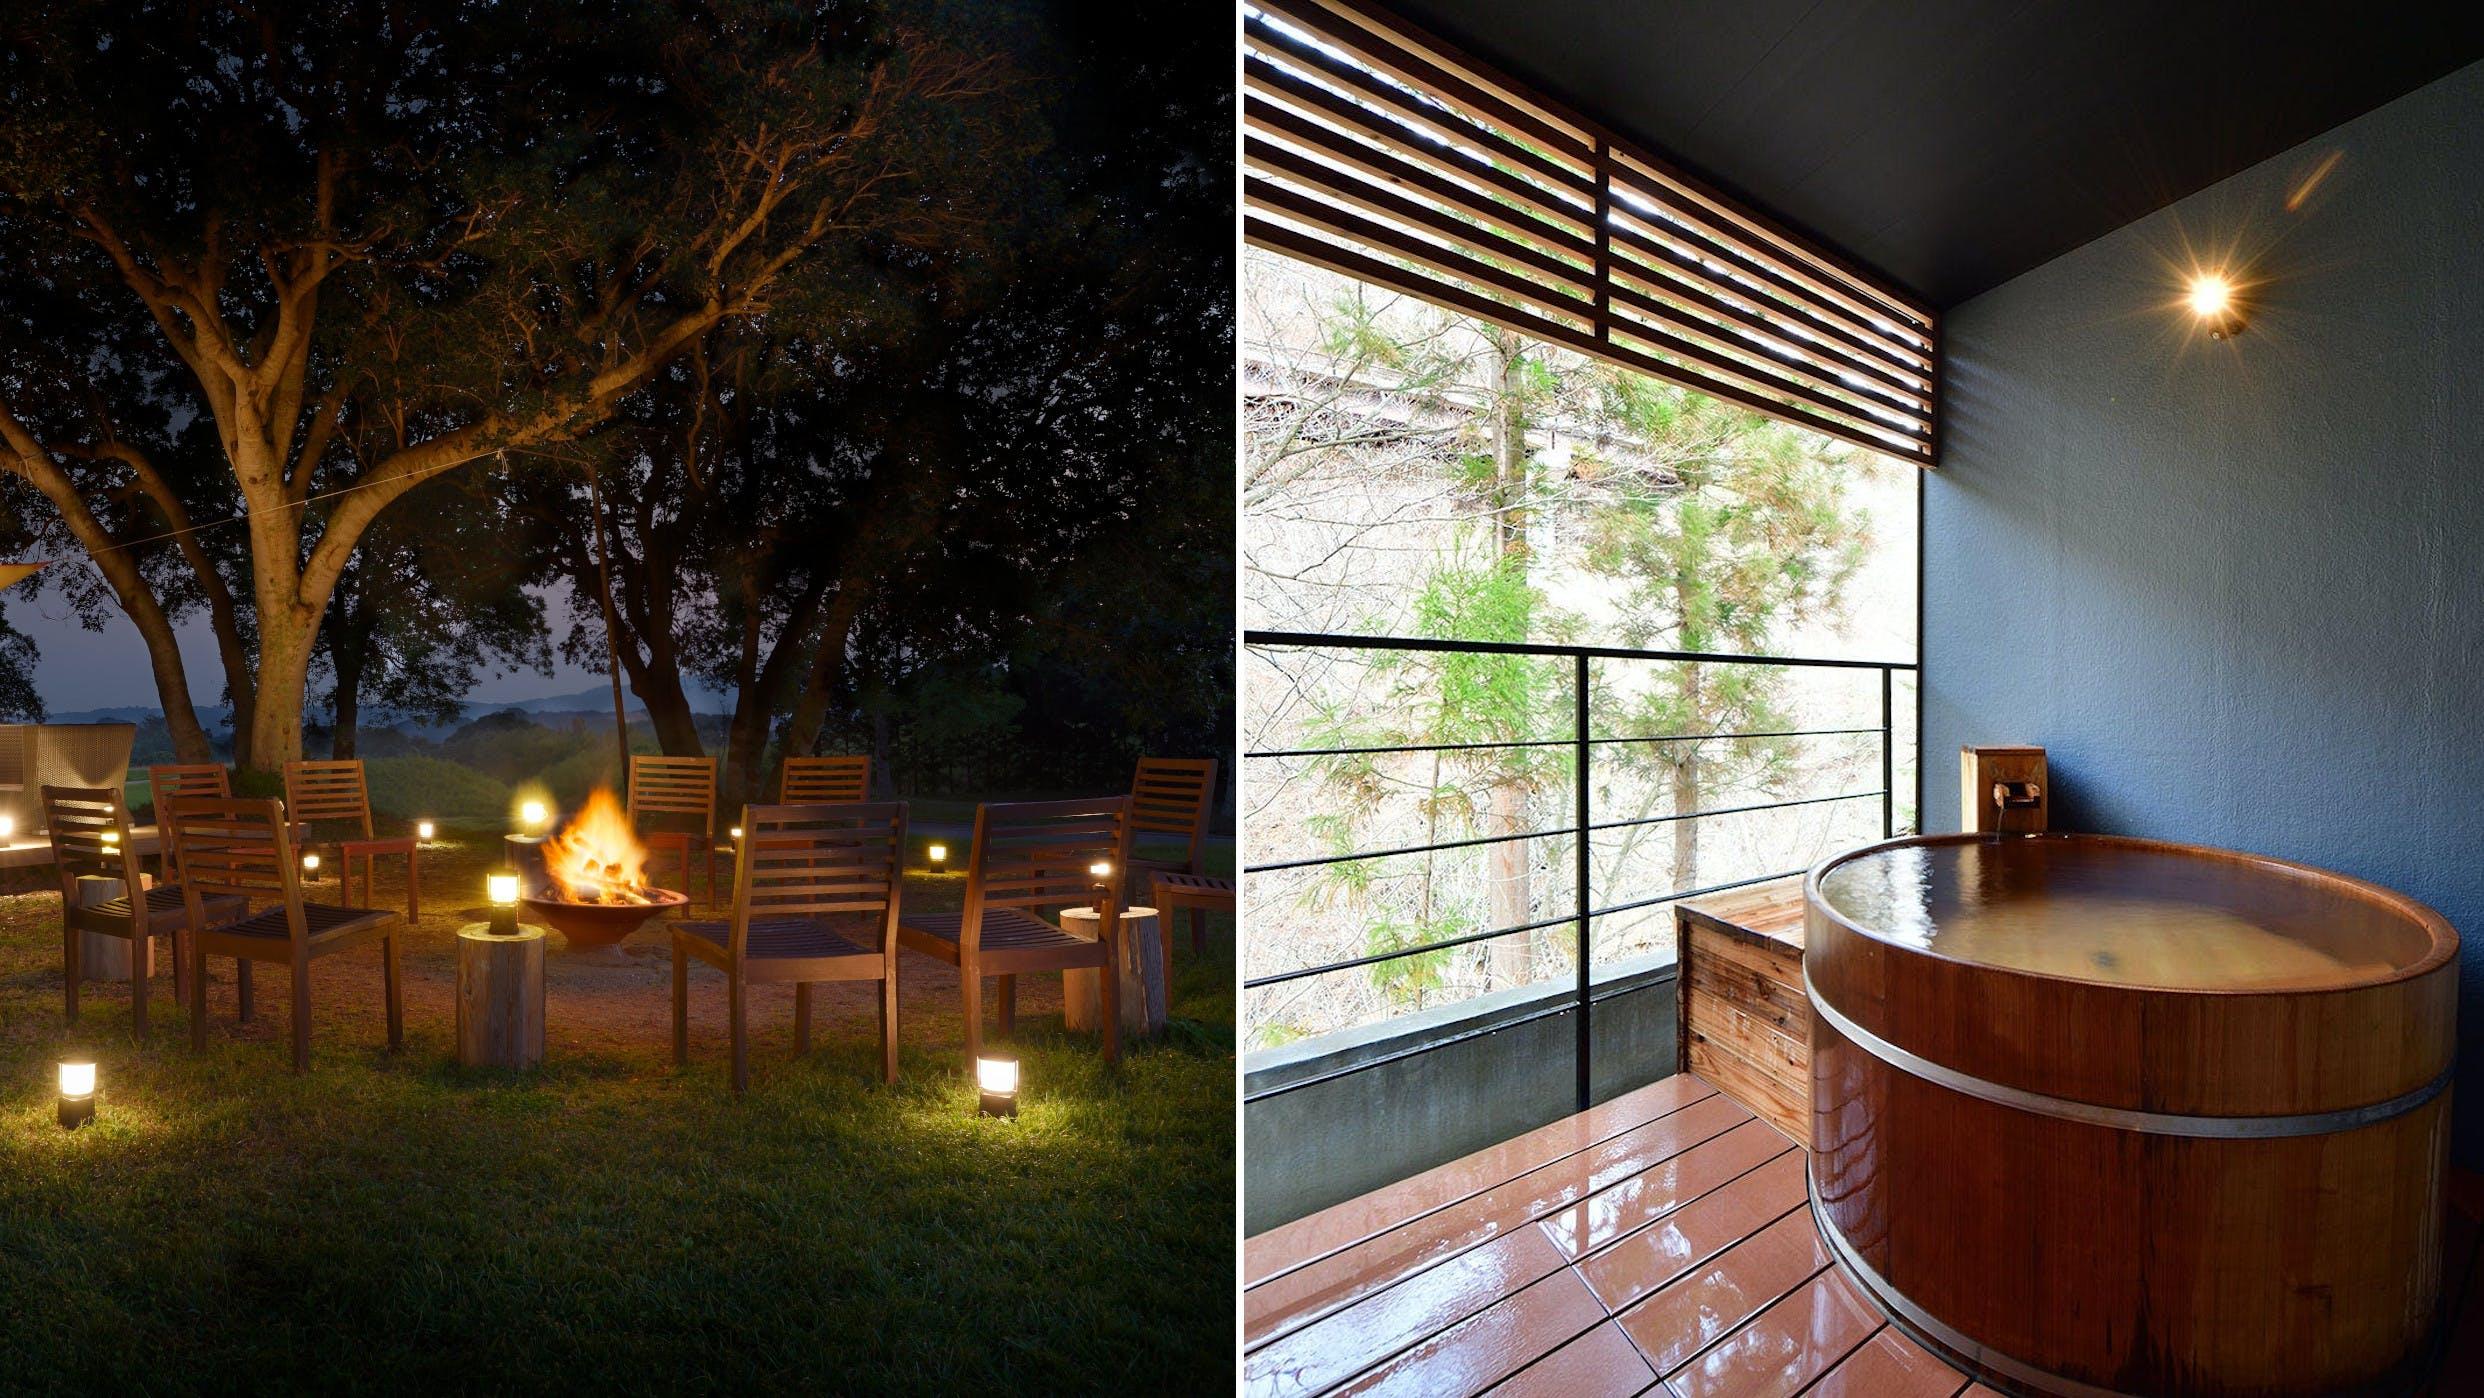 温泉や露天風呂が楽しめるグランピング施設4選